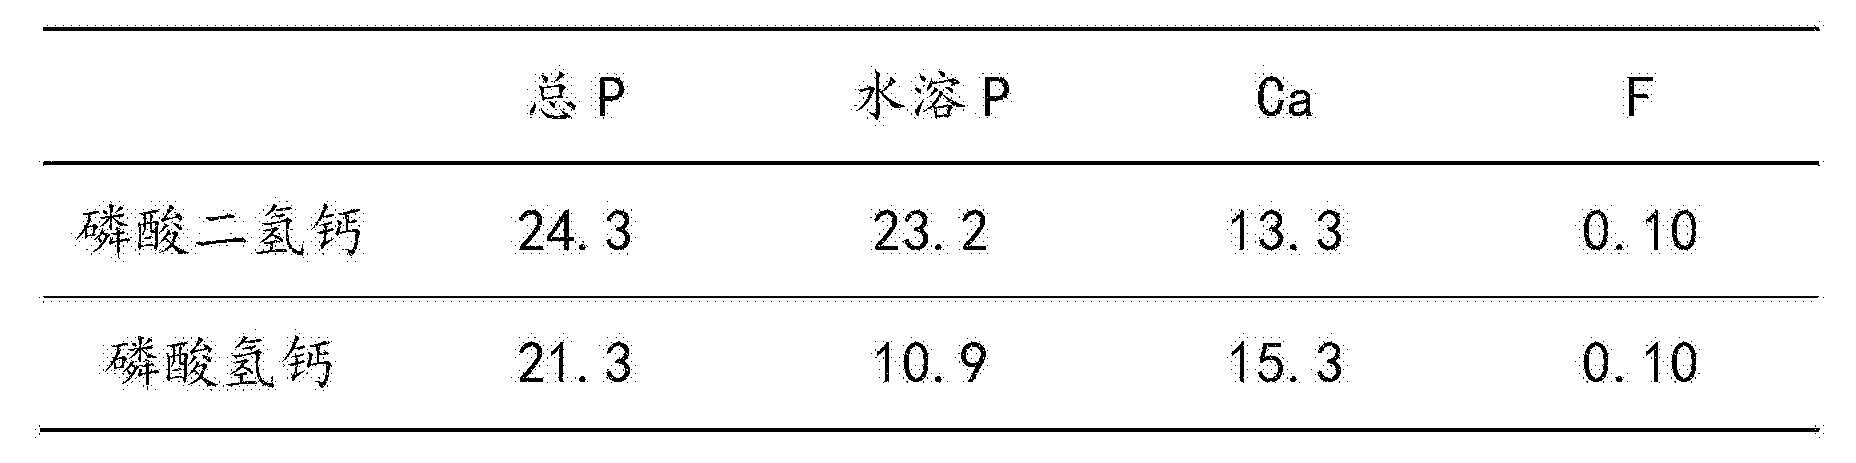 Figure CN105197905BD00114